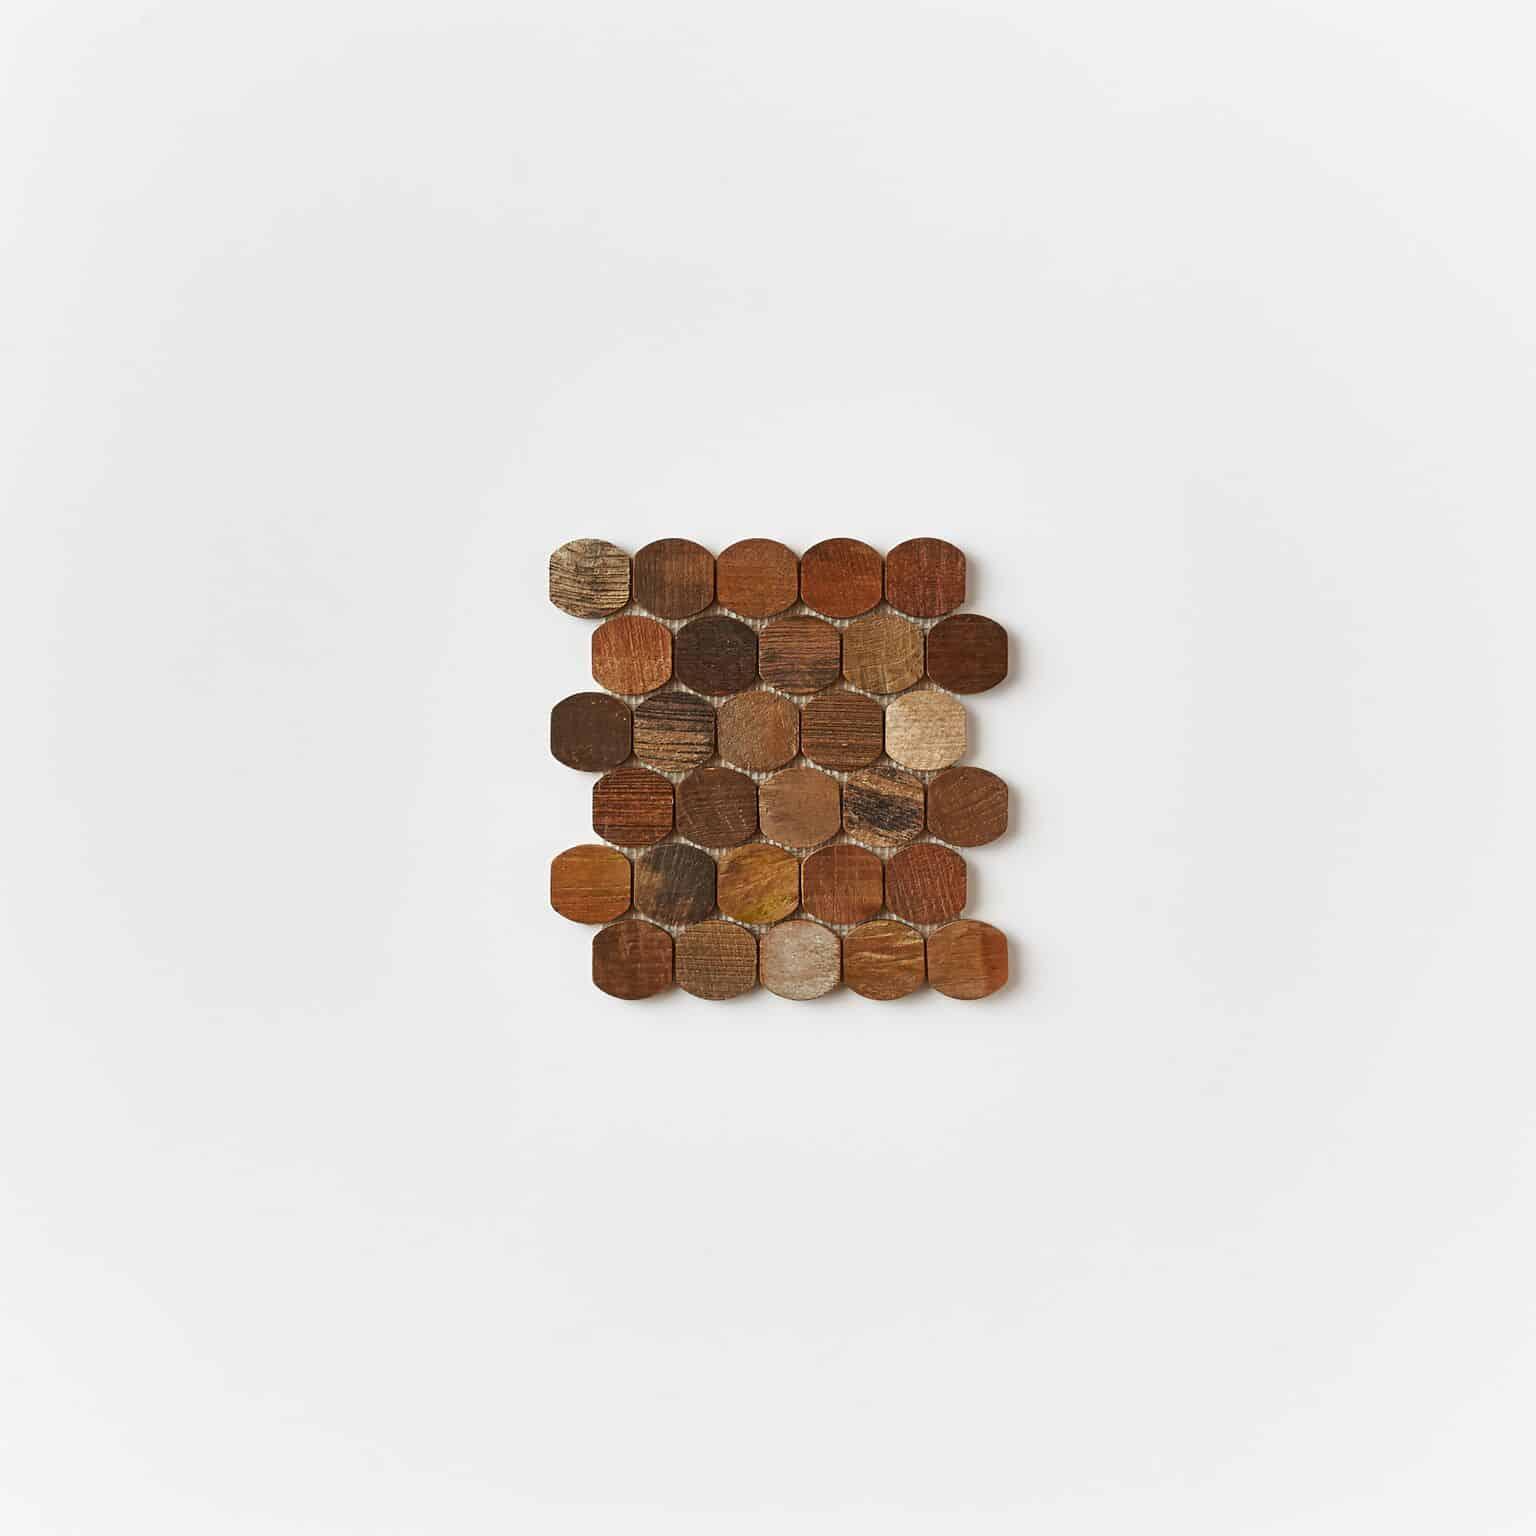 unspecified 26 - Teak Tile - Cask